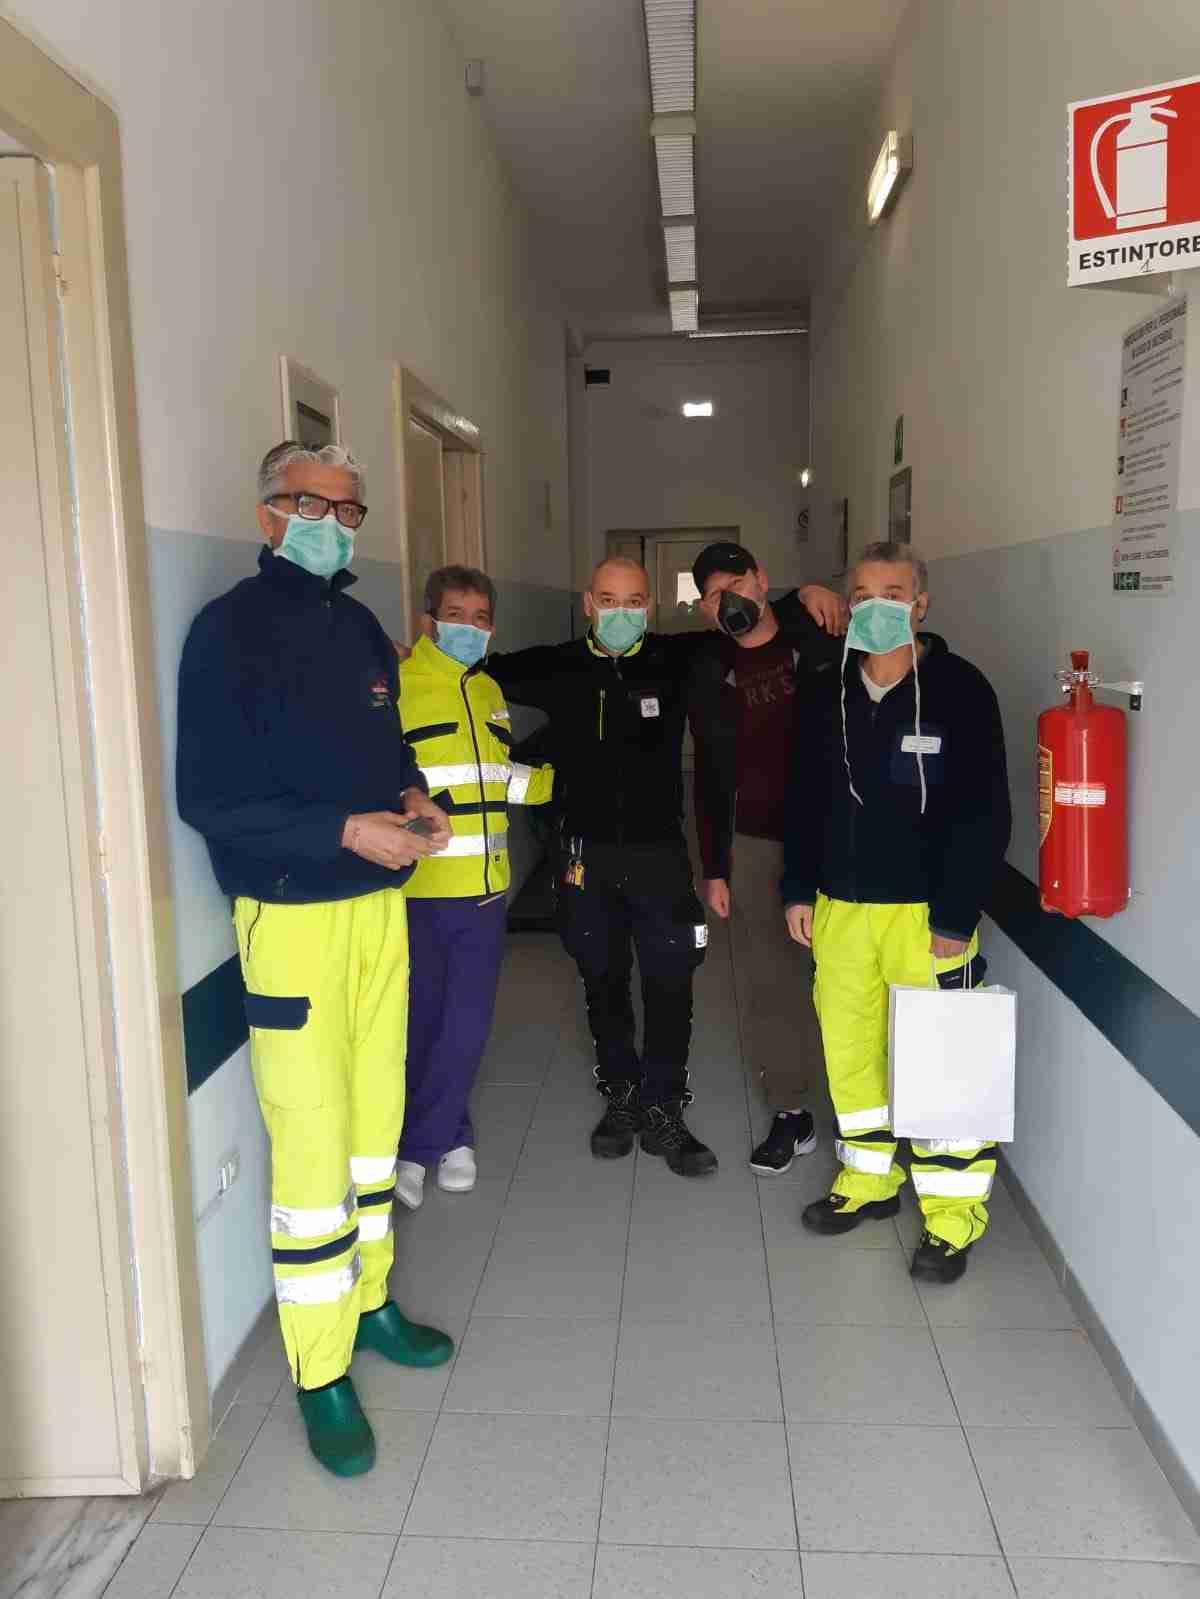 Coronavirus, carenza di mascherine per il 118? Il rosolinese Giovanni Simon Monaco le stampa in 3d e le dona a medici e sanitari